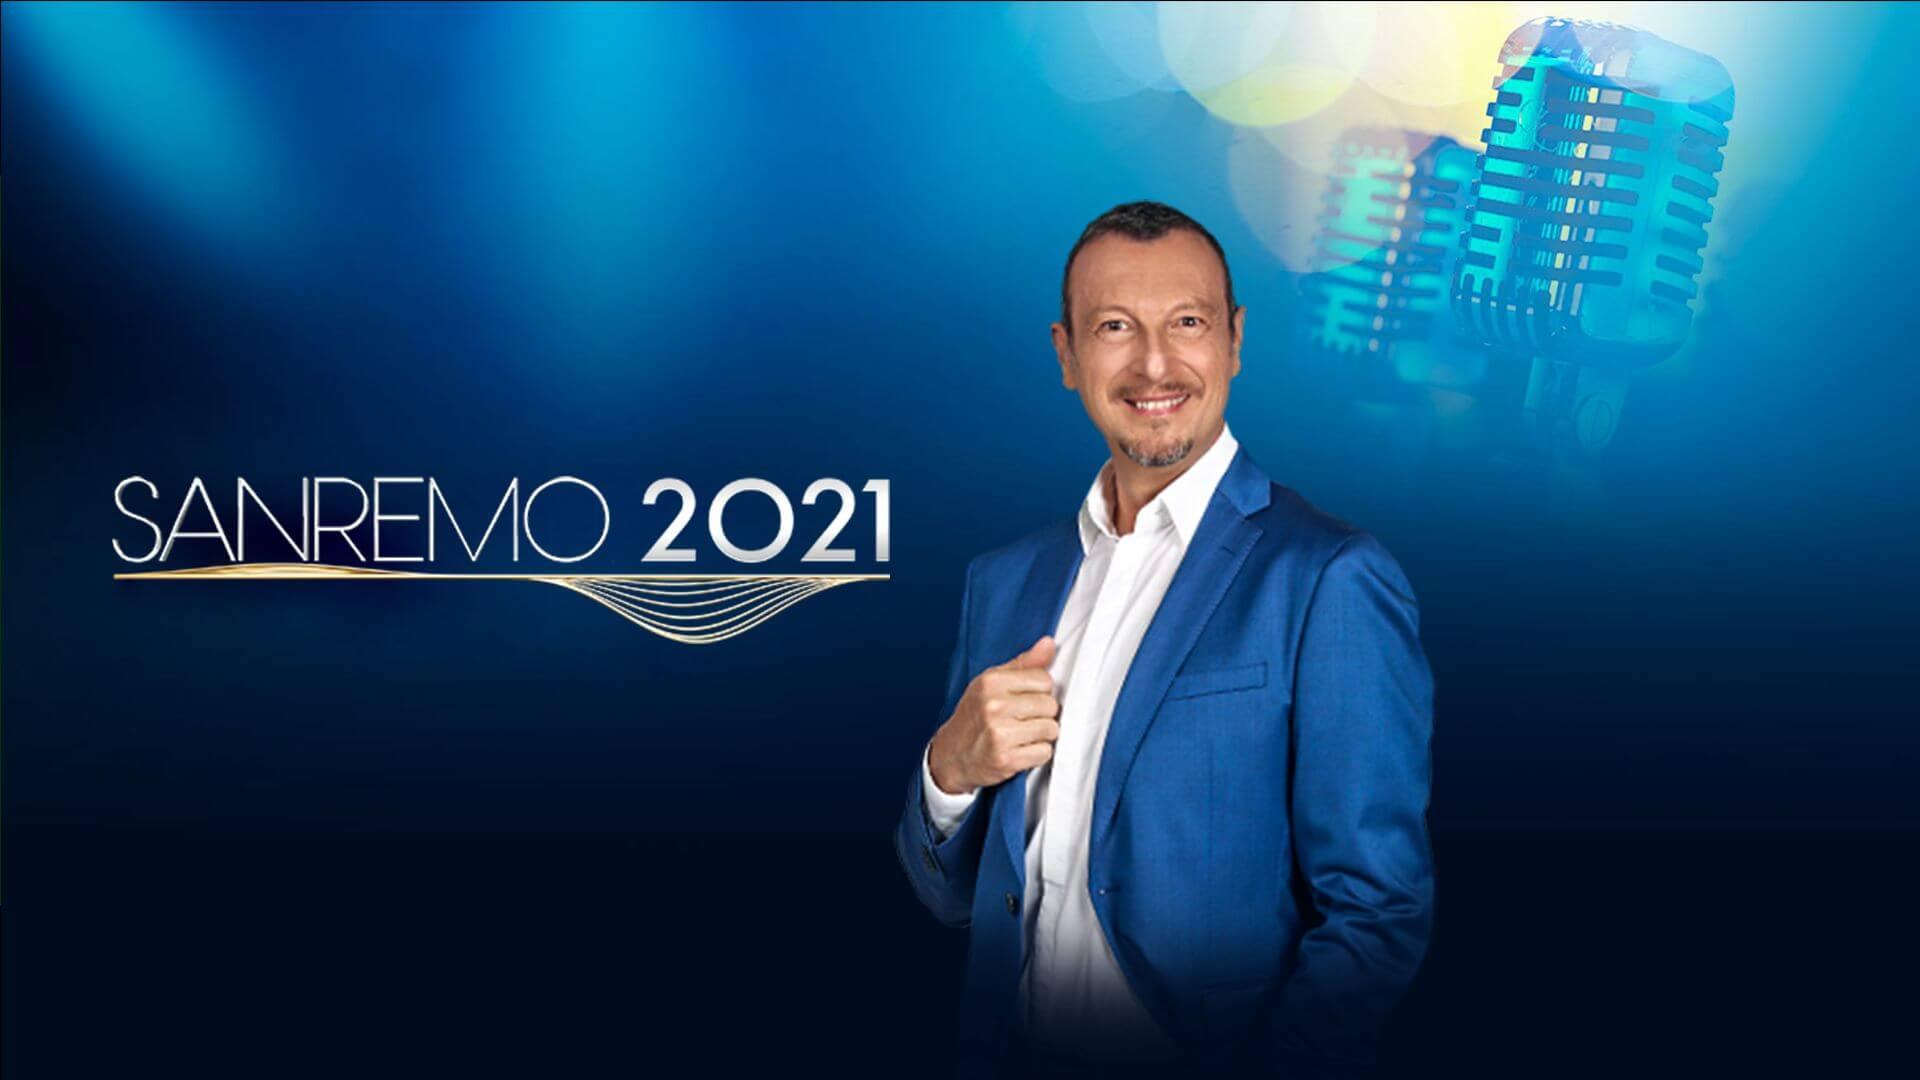 Festival di Sanremo 2021: la lista dei cantanti in gara | Irpinianews.it